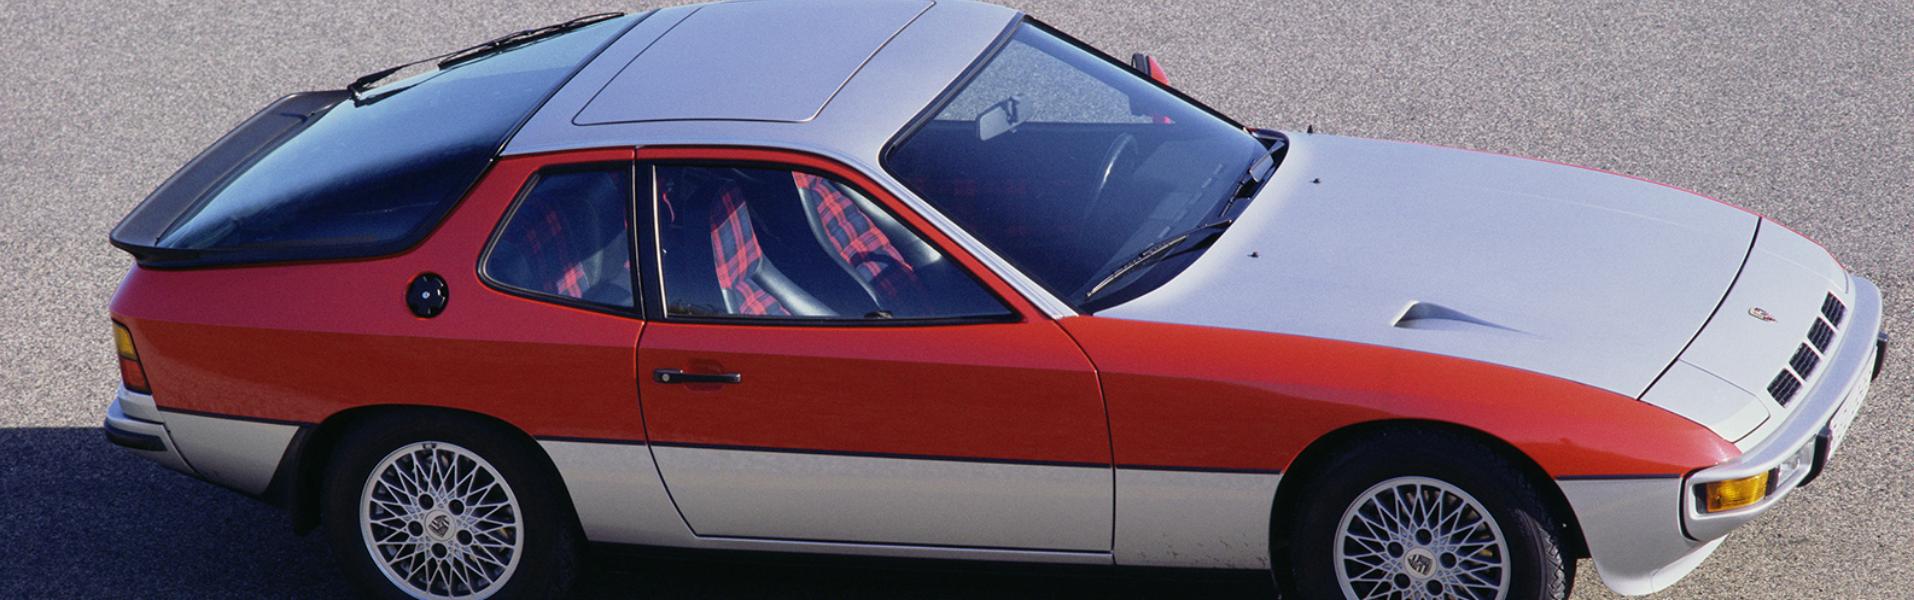 924 Turbo